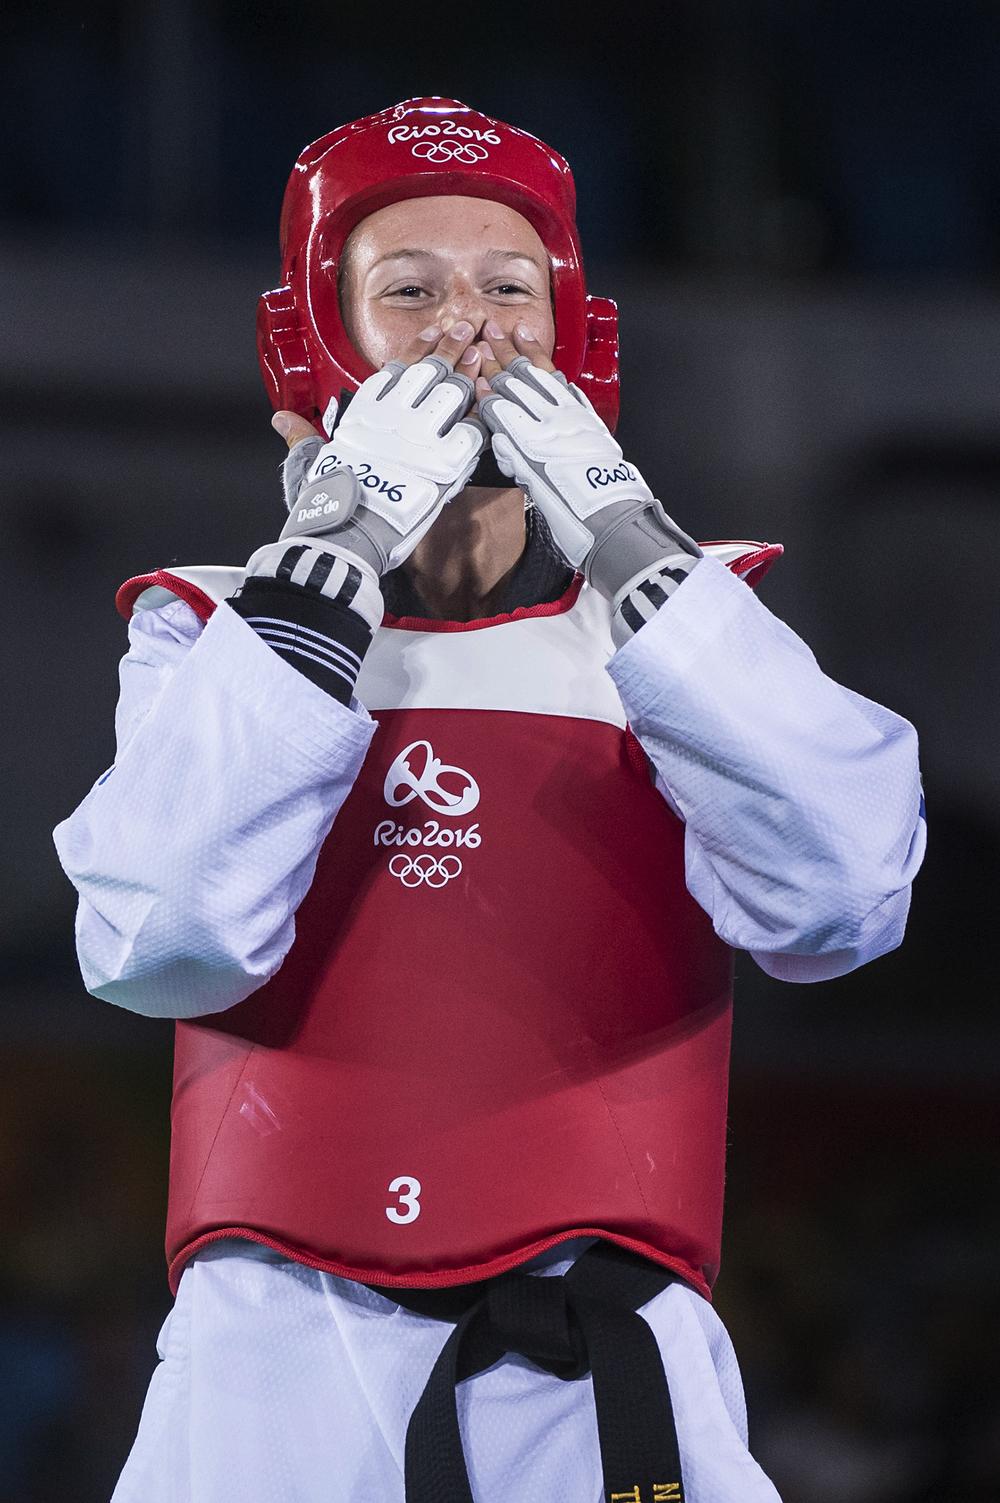 1163_OS_taekwondo_Nikita_Glasnovic.JPG